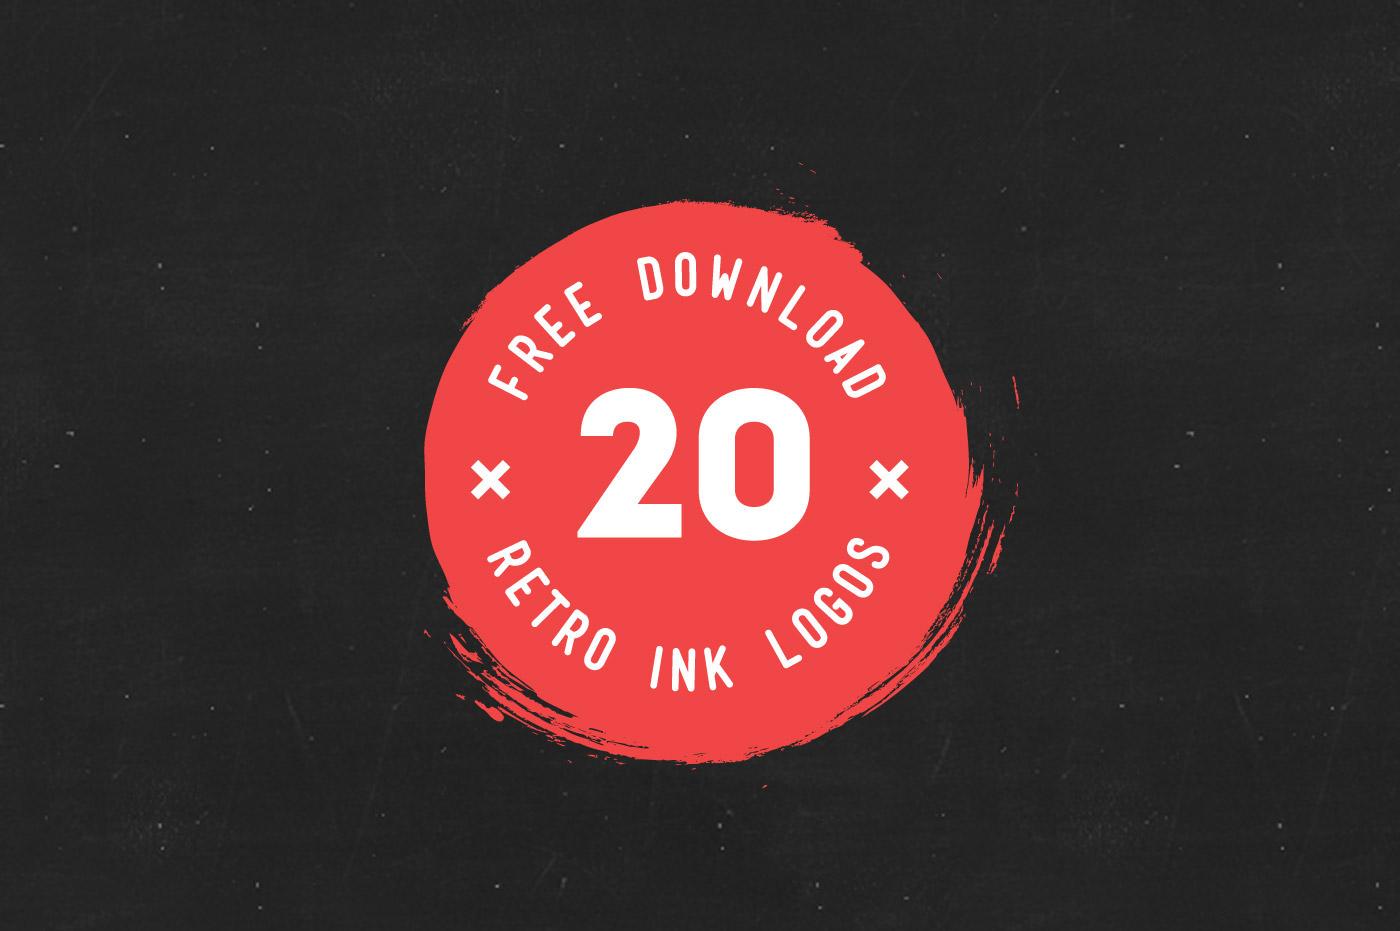 free download Retro ink Badges logo vintage brush pen